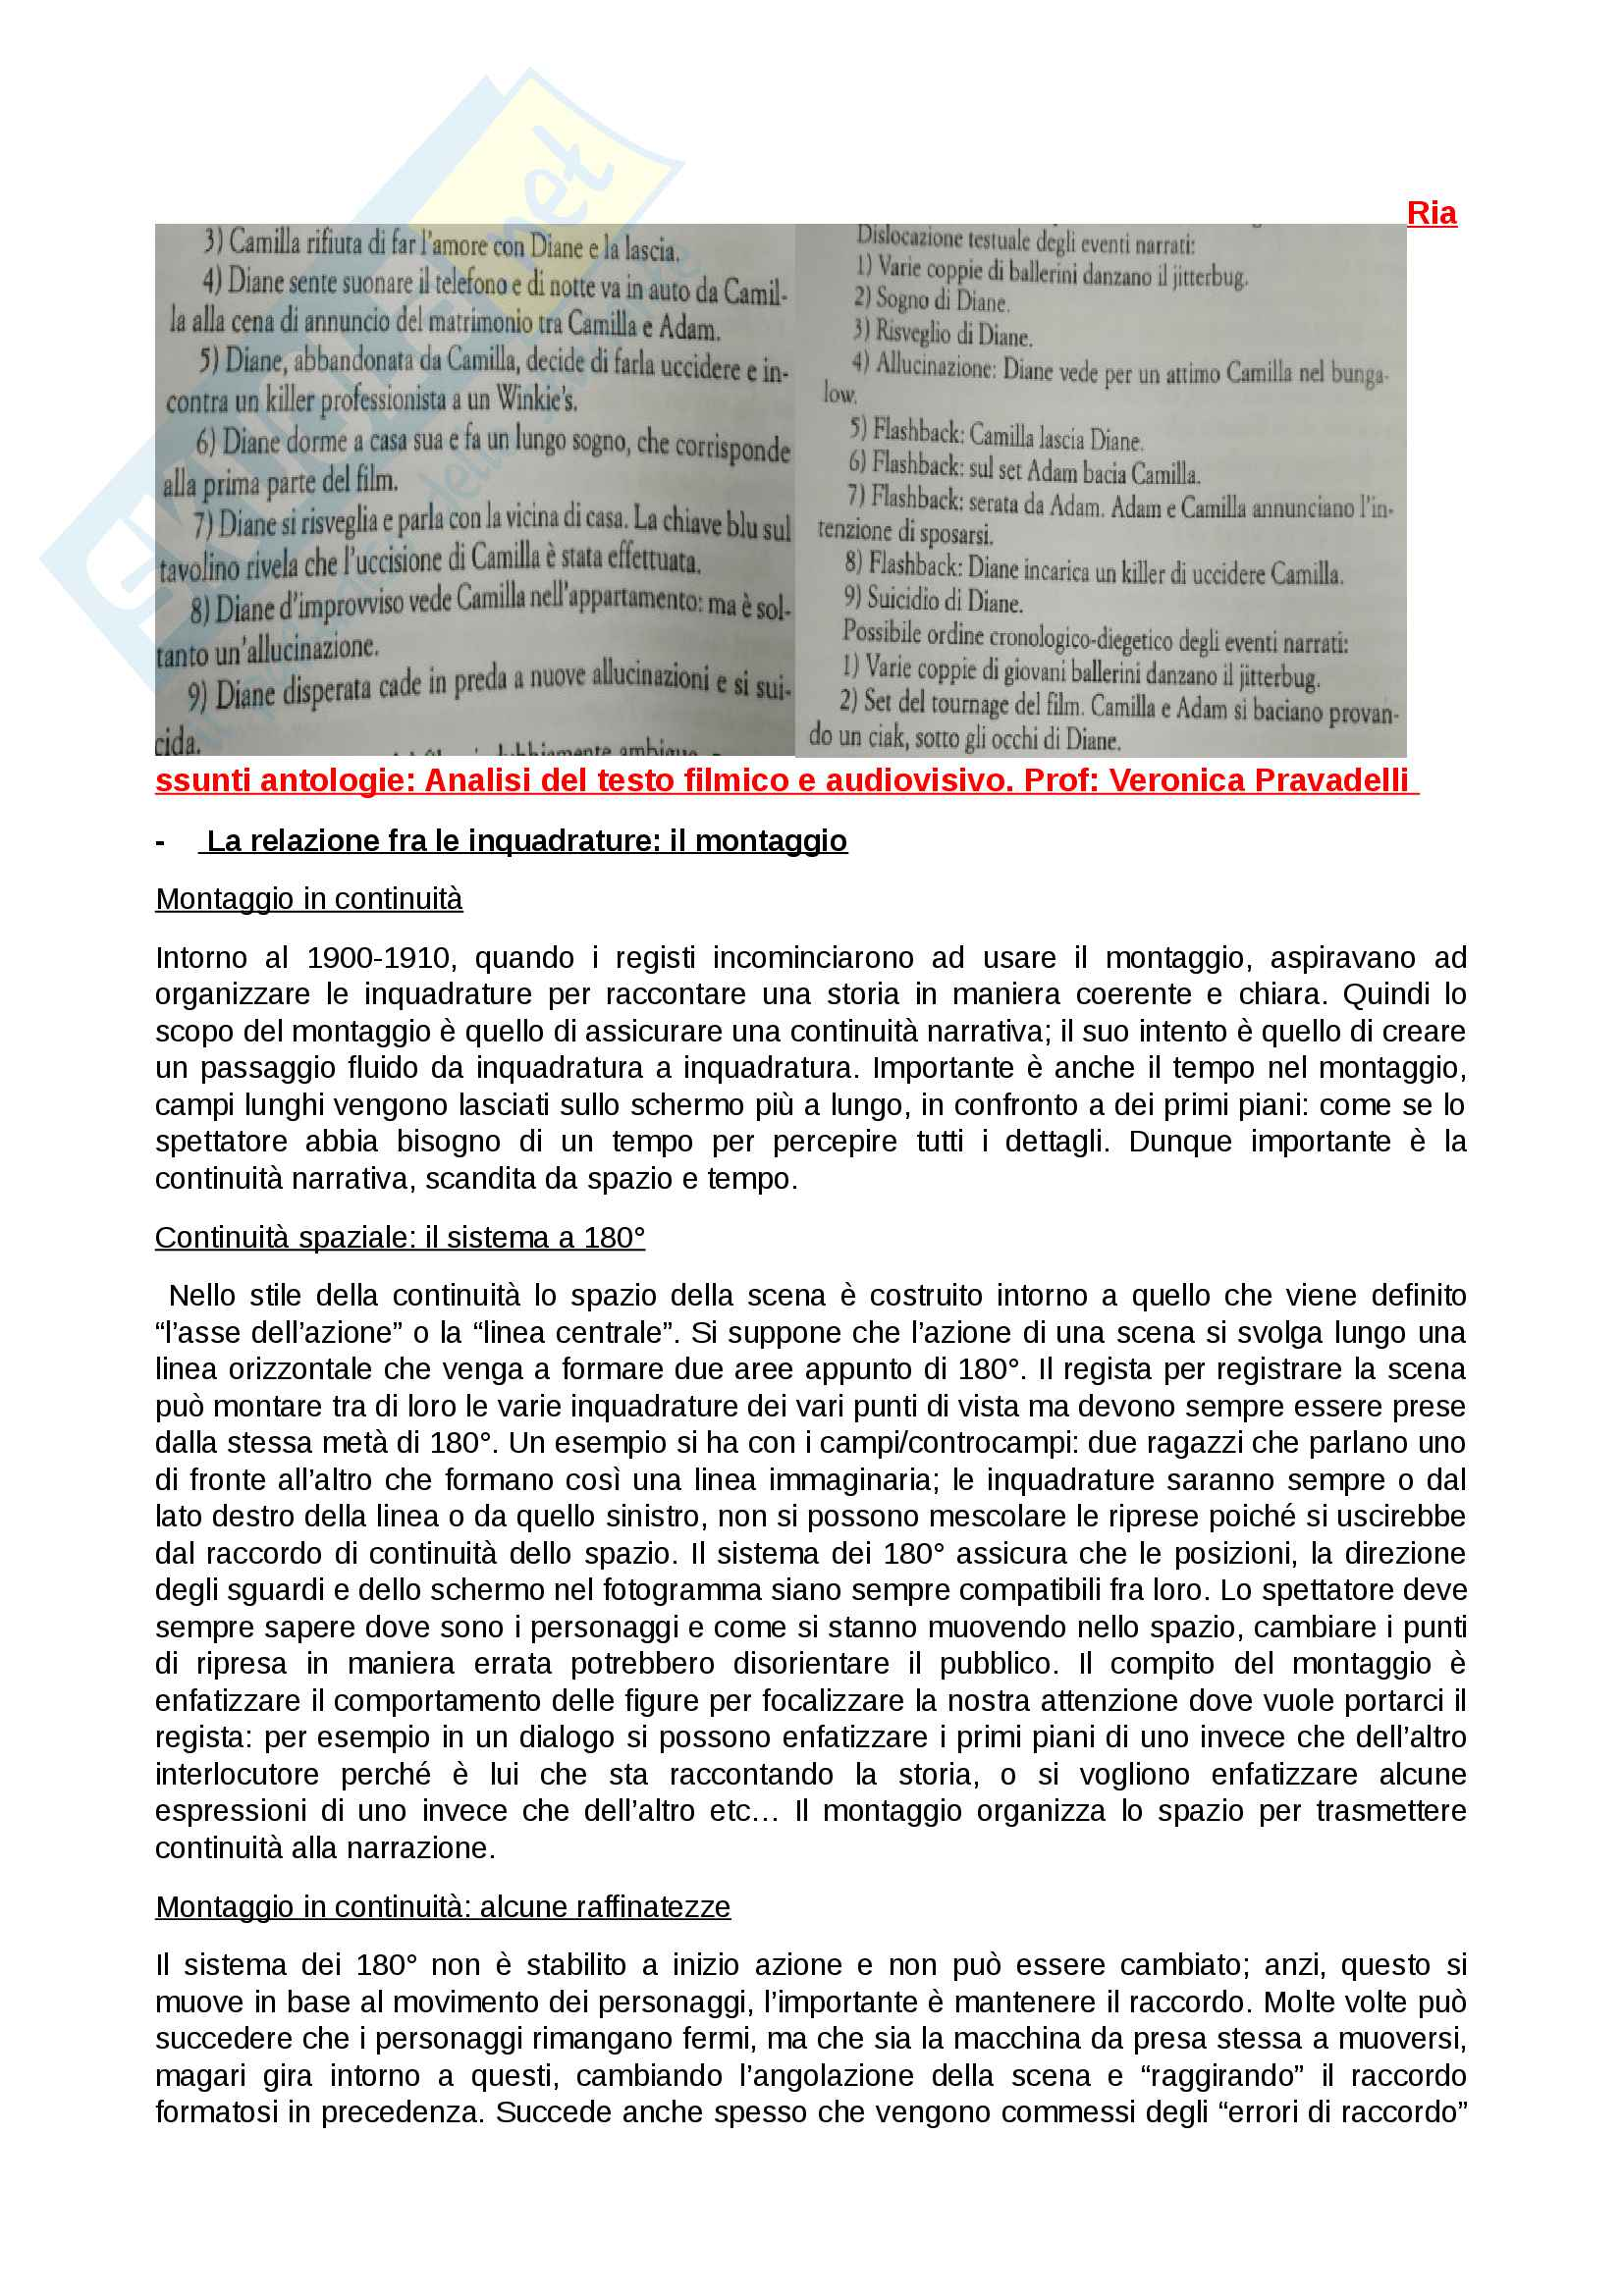 Riassunto esame Analisi del testo filmico e audiovisivo, prof. Pravadelli, libro consigliato Antologie della professoressa